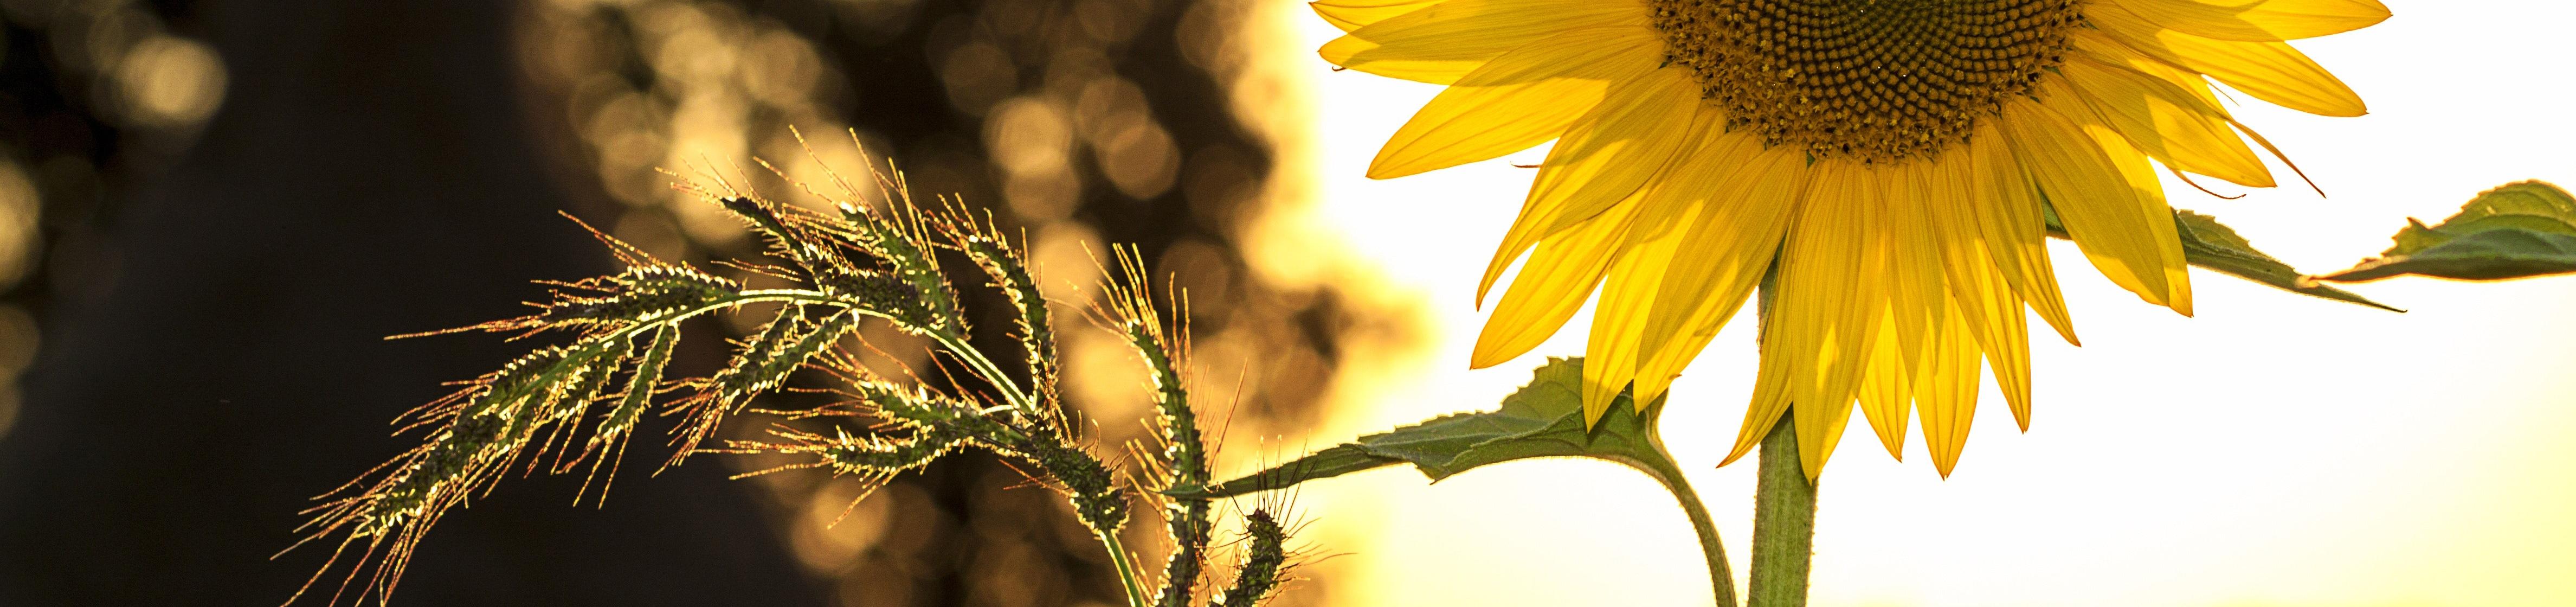 Bild på solros som symboliserar den svenska sommaren när många av landets kommuner har en stor utmaning i att rekrytera till sommarjobben.